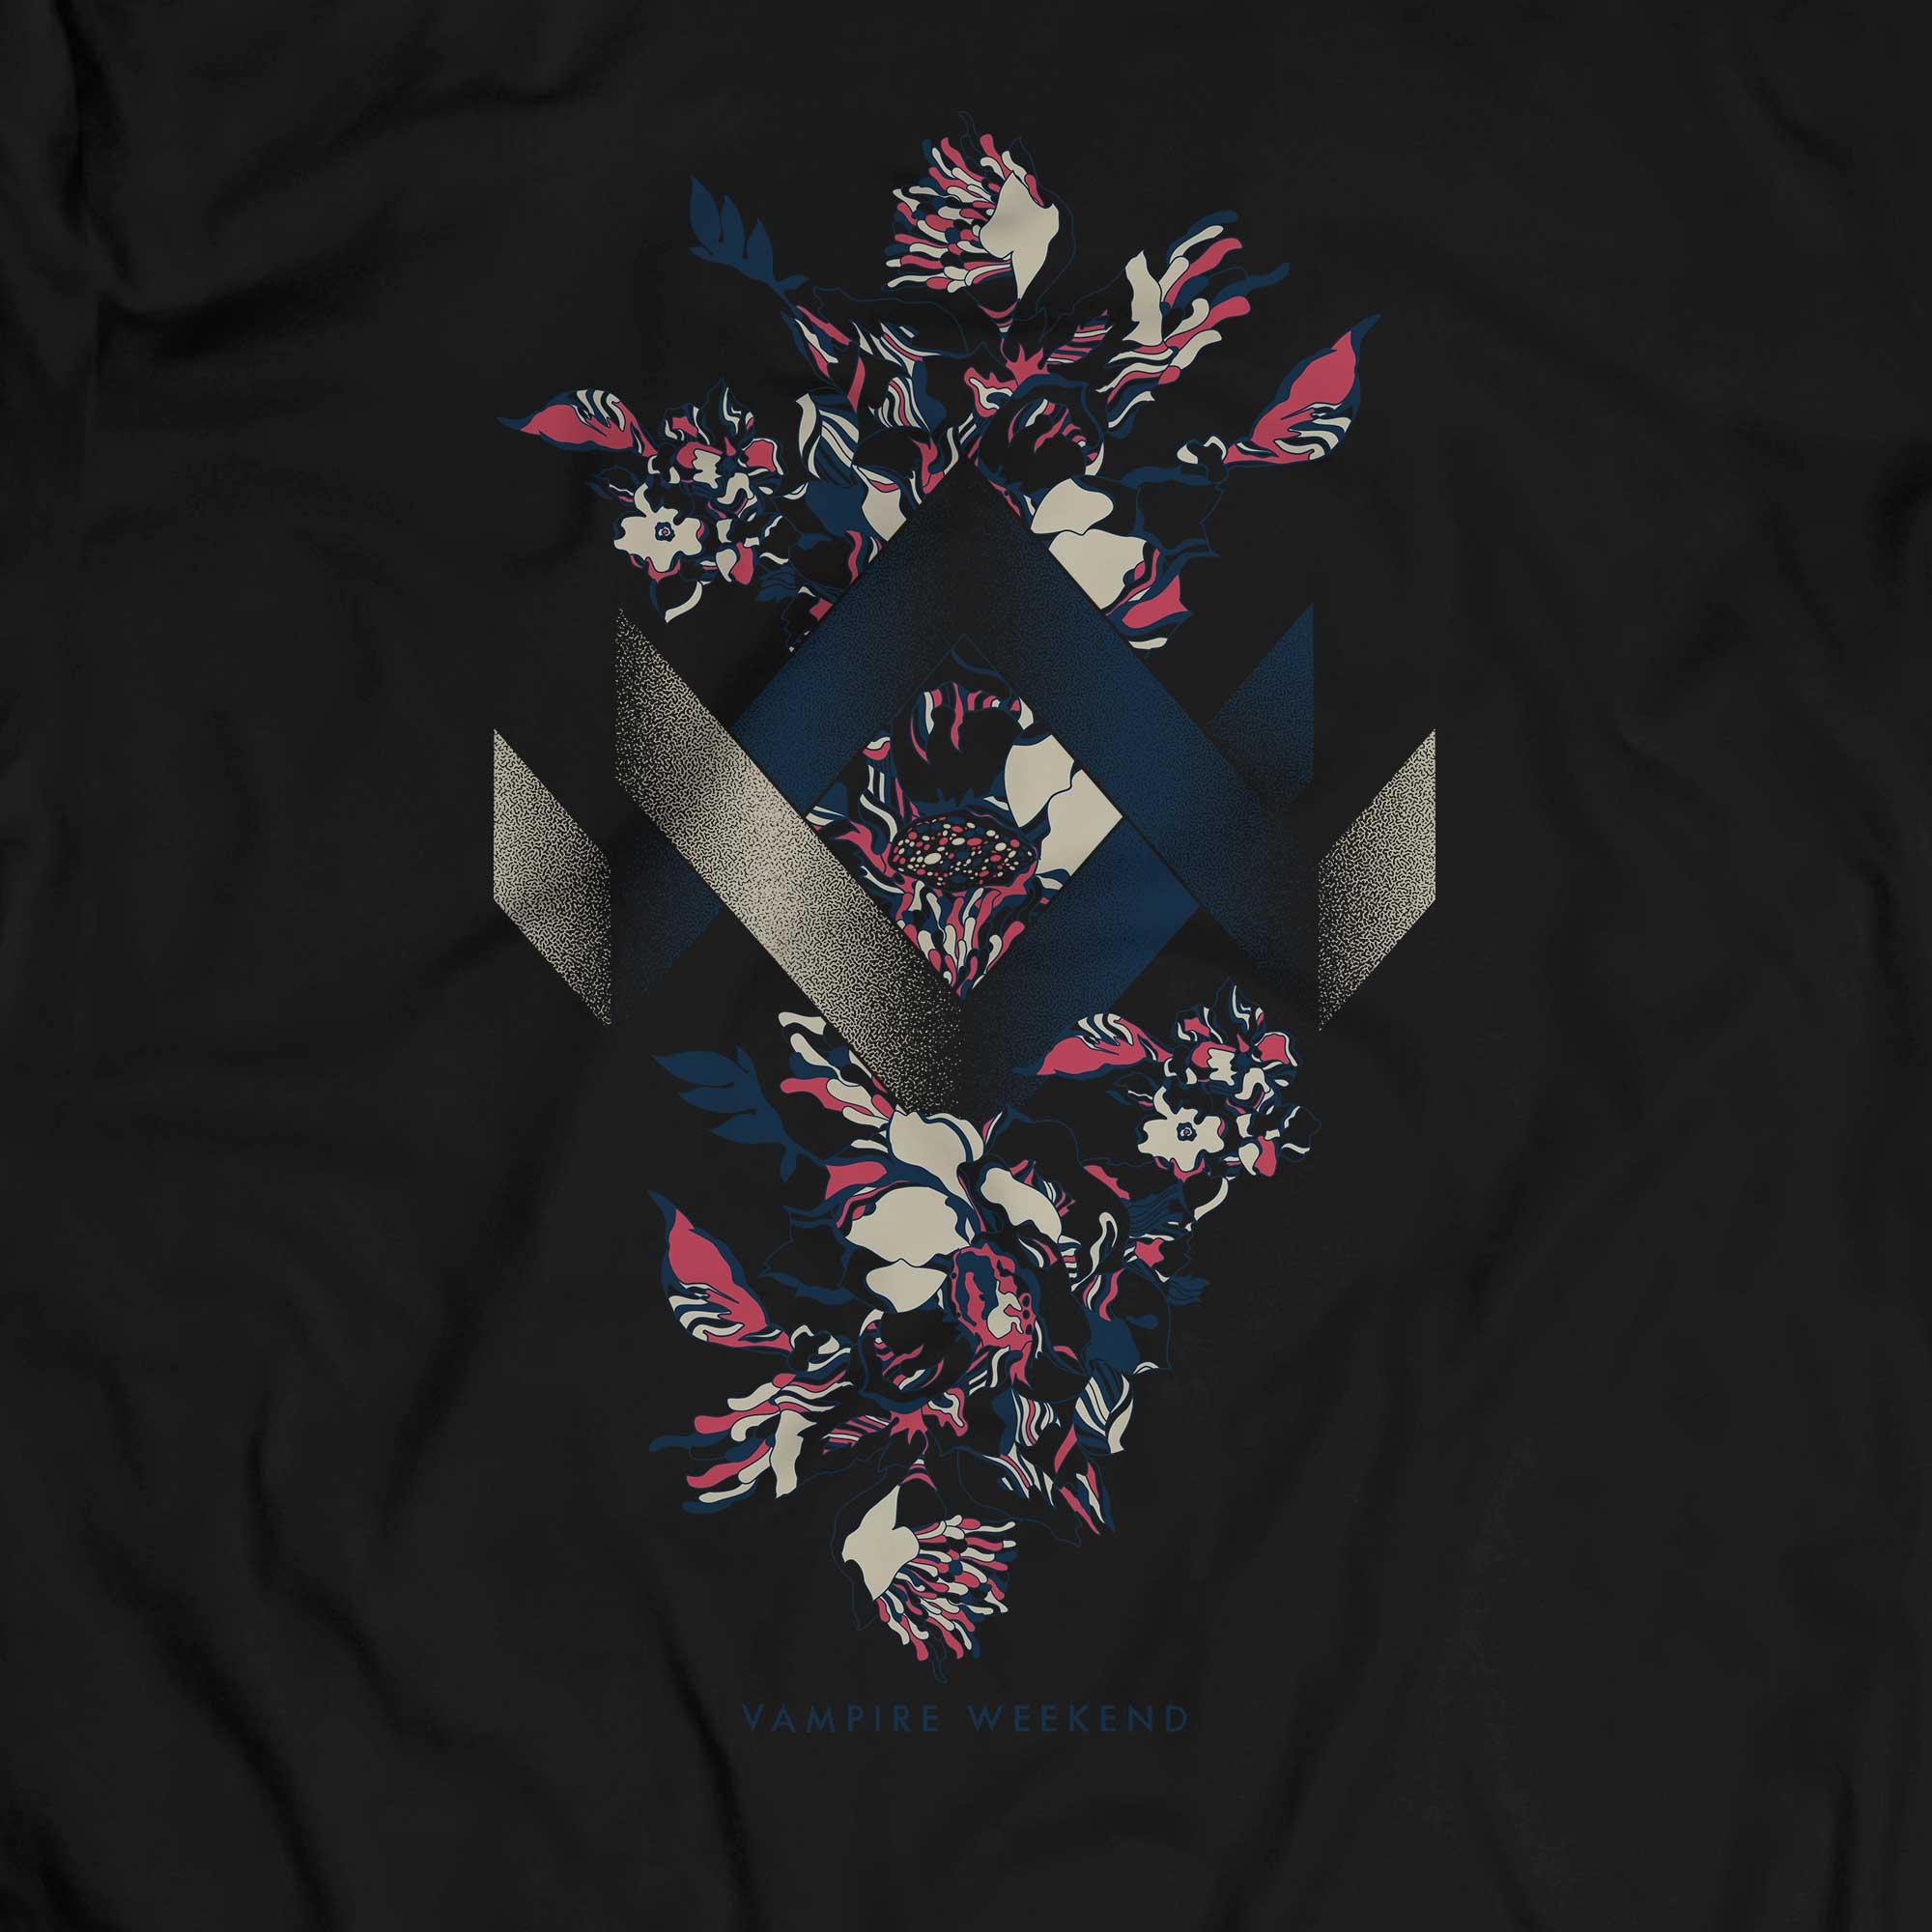 Camiseta Vampire Weekend - Masculino